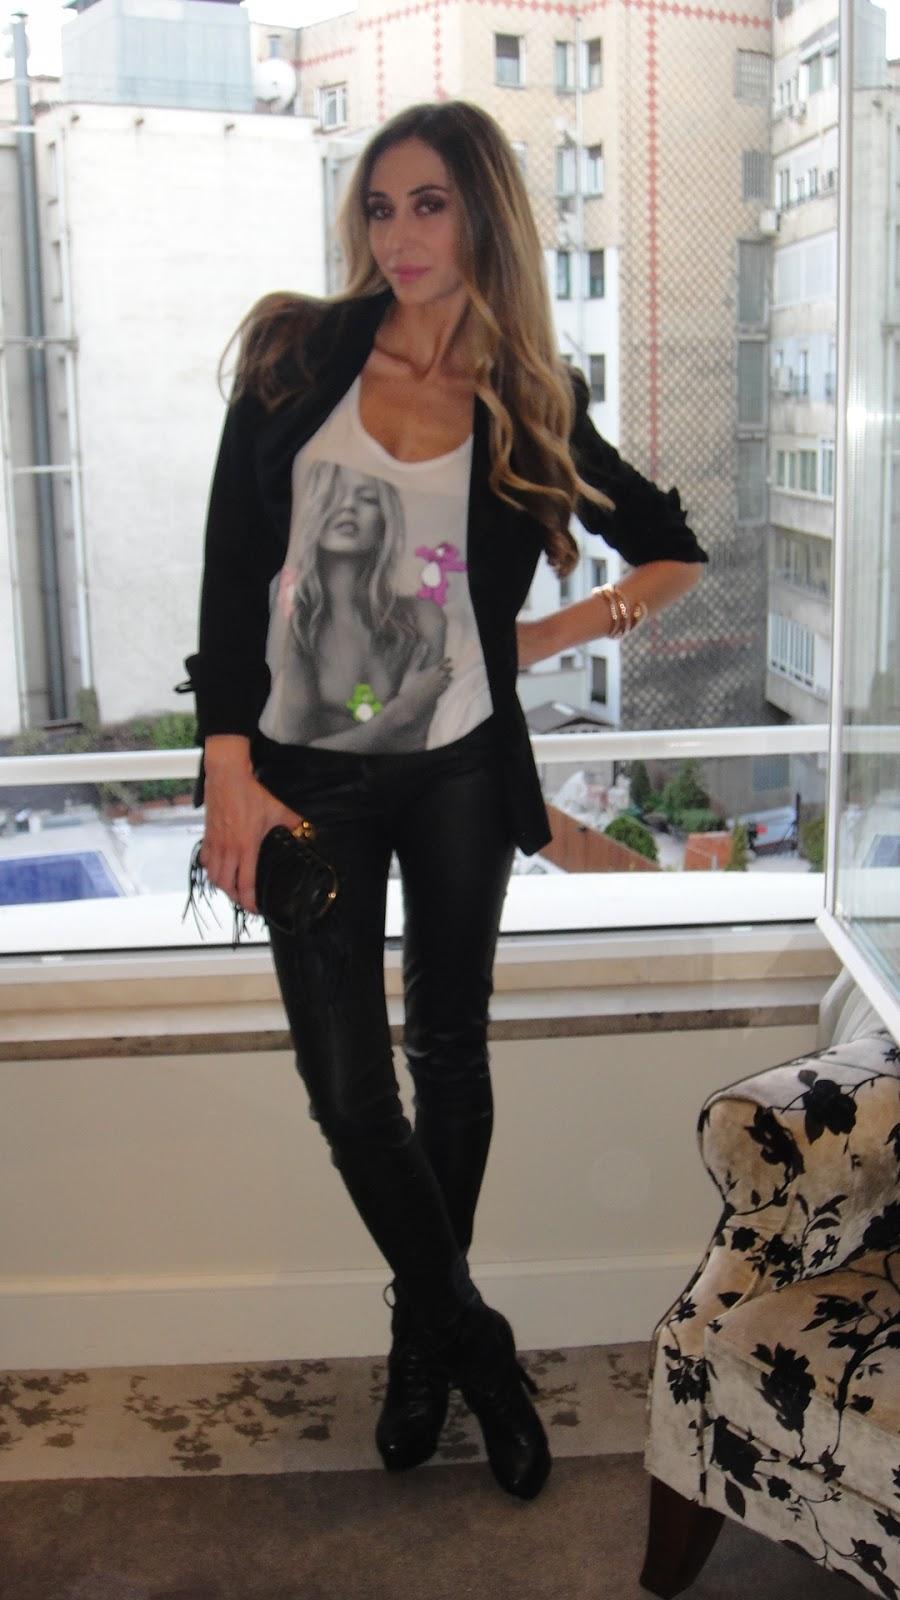 By Martin Berrocal 2012 Rocio Marzo Fashion Love Bx6tw5Hqf